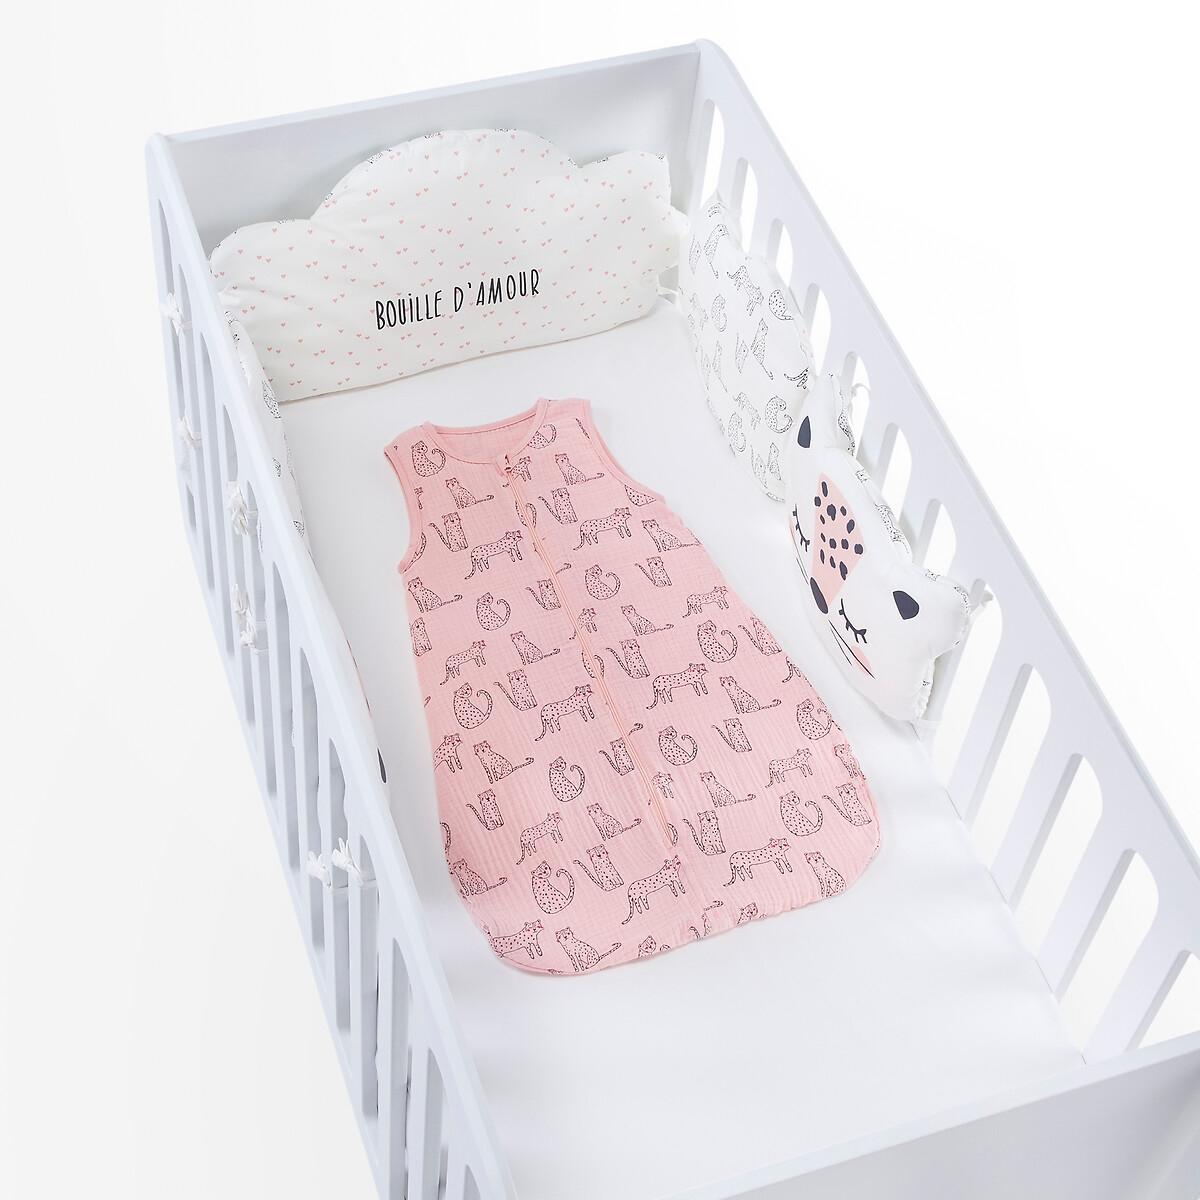 Полог La Redoute С рисунком единый размер розовый ковер la redoute горизонтального плетения с рисунком цементная плитка iswik 120 x 170 см бежевый